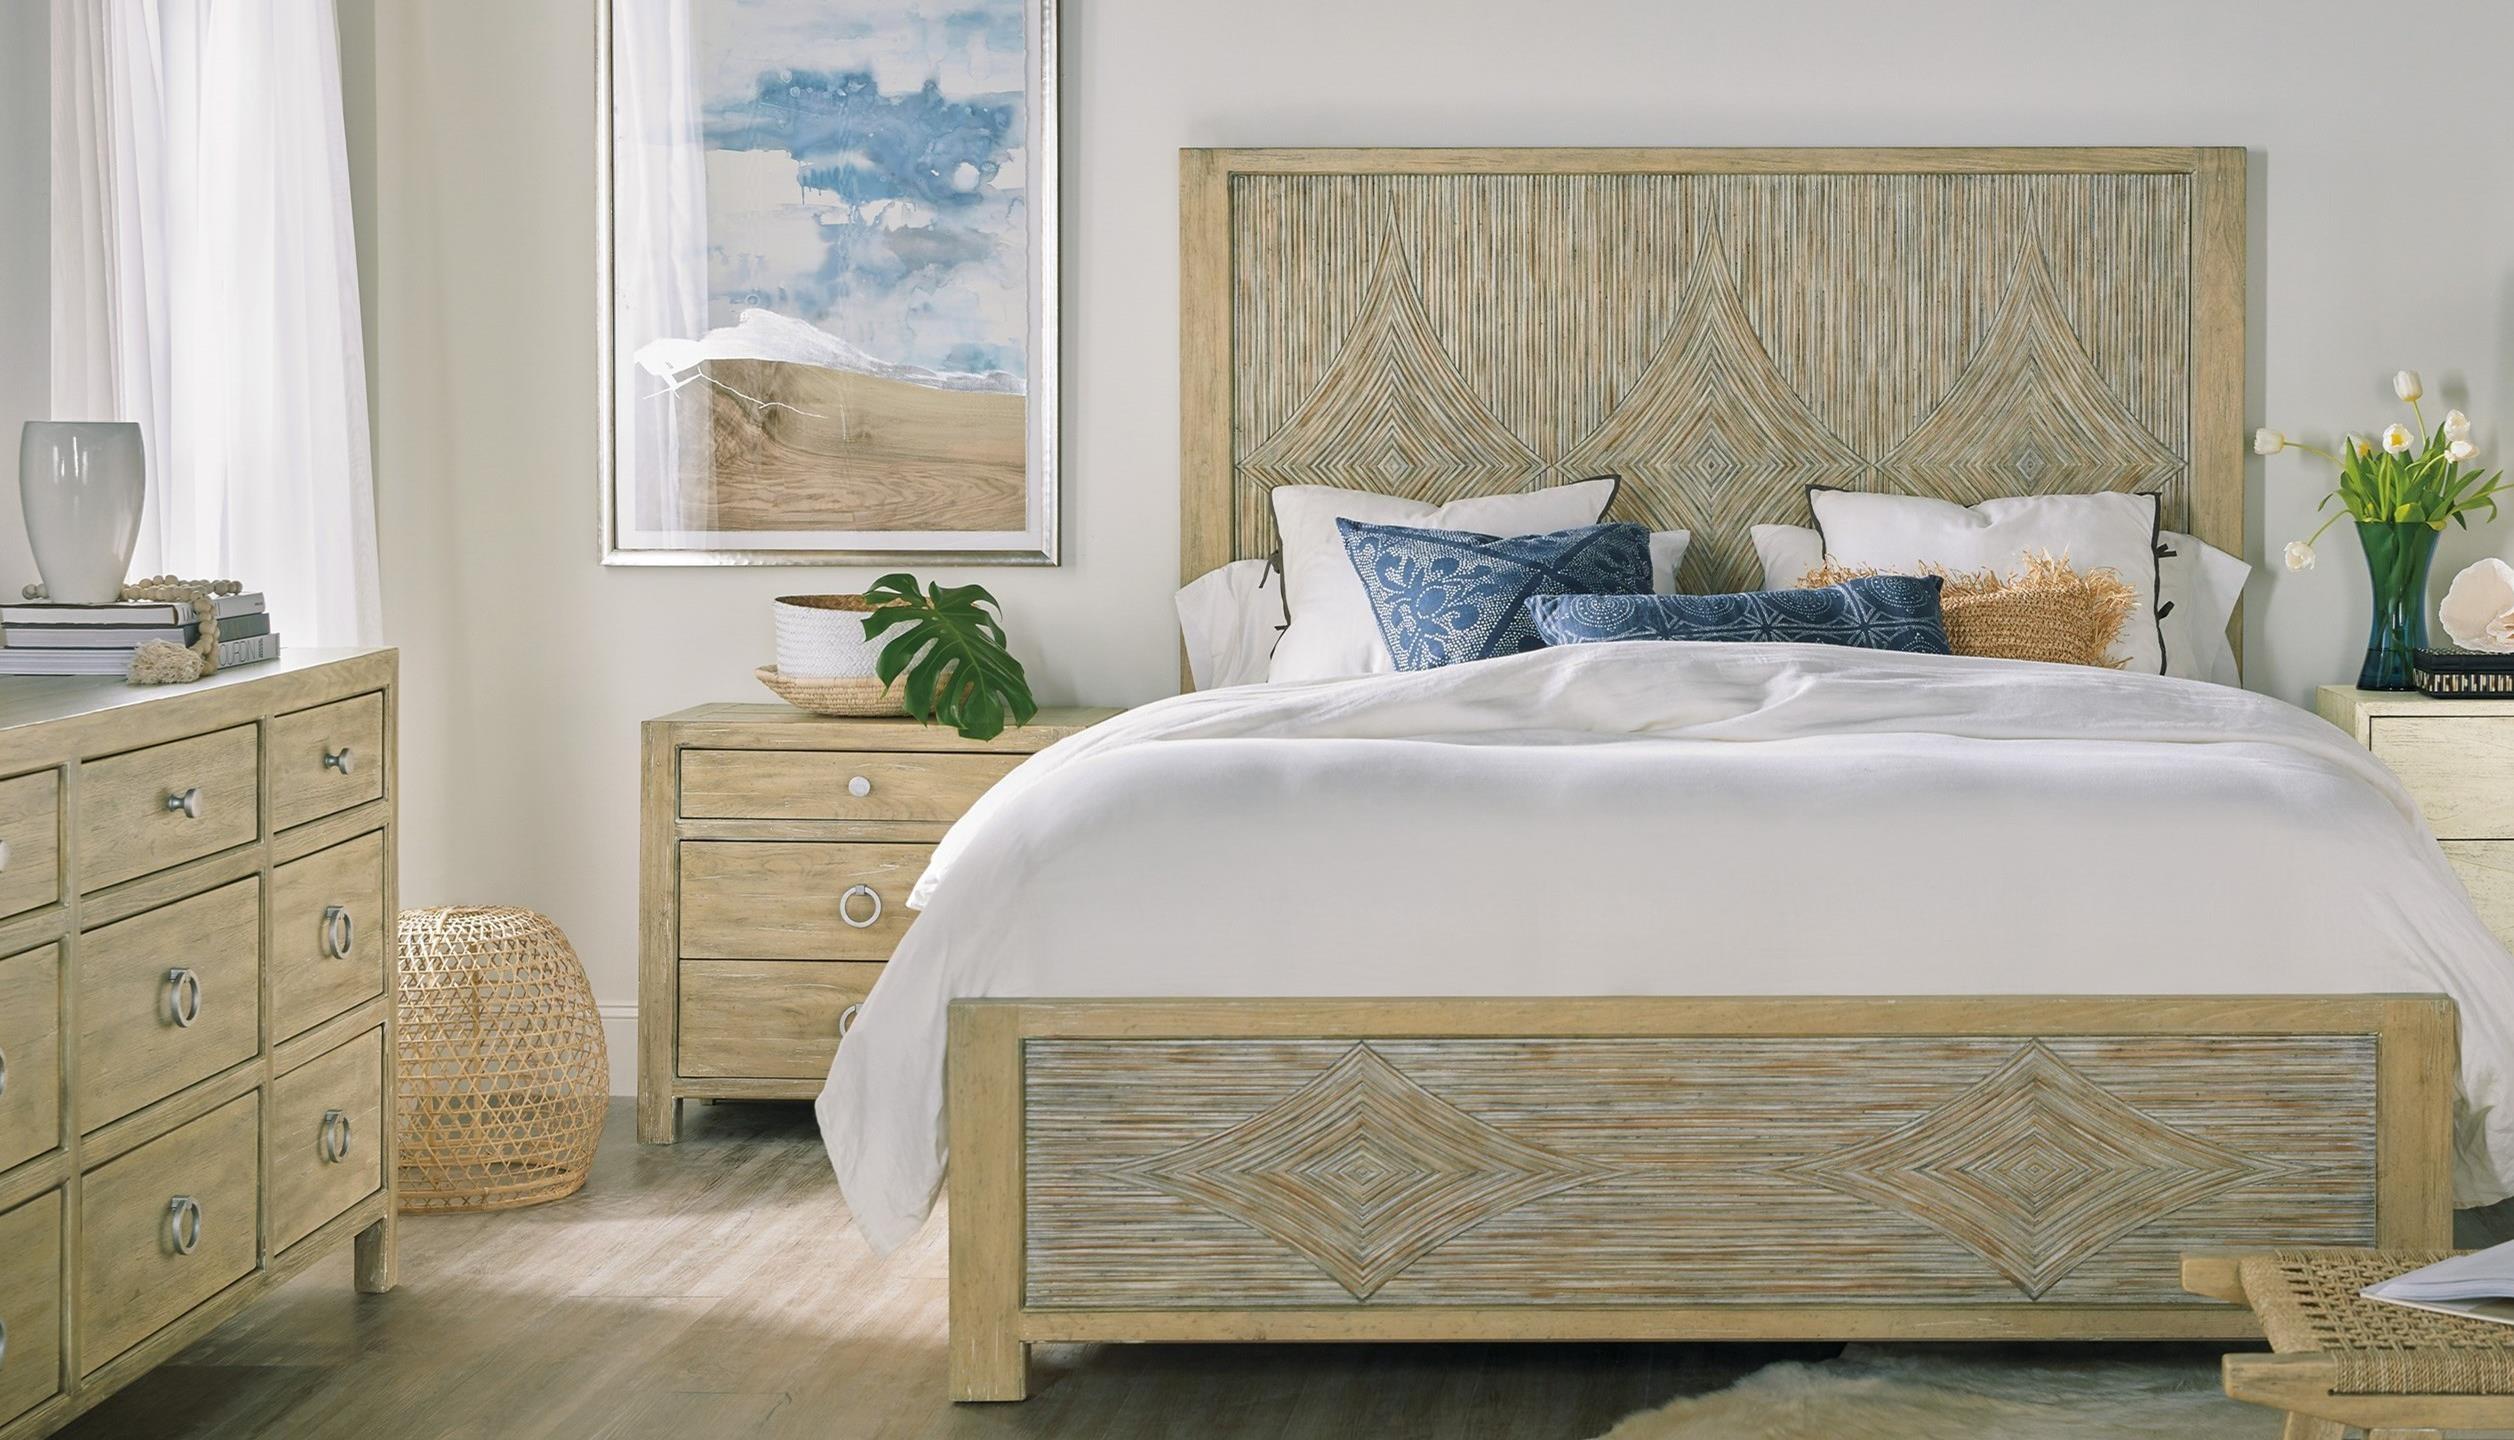 Surfrider King Bedroom Group by Hooker Furniture at Miller Waldrop Furniture and Decor